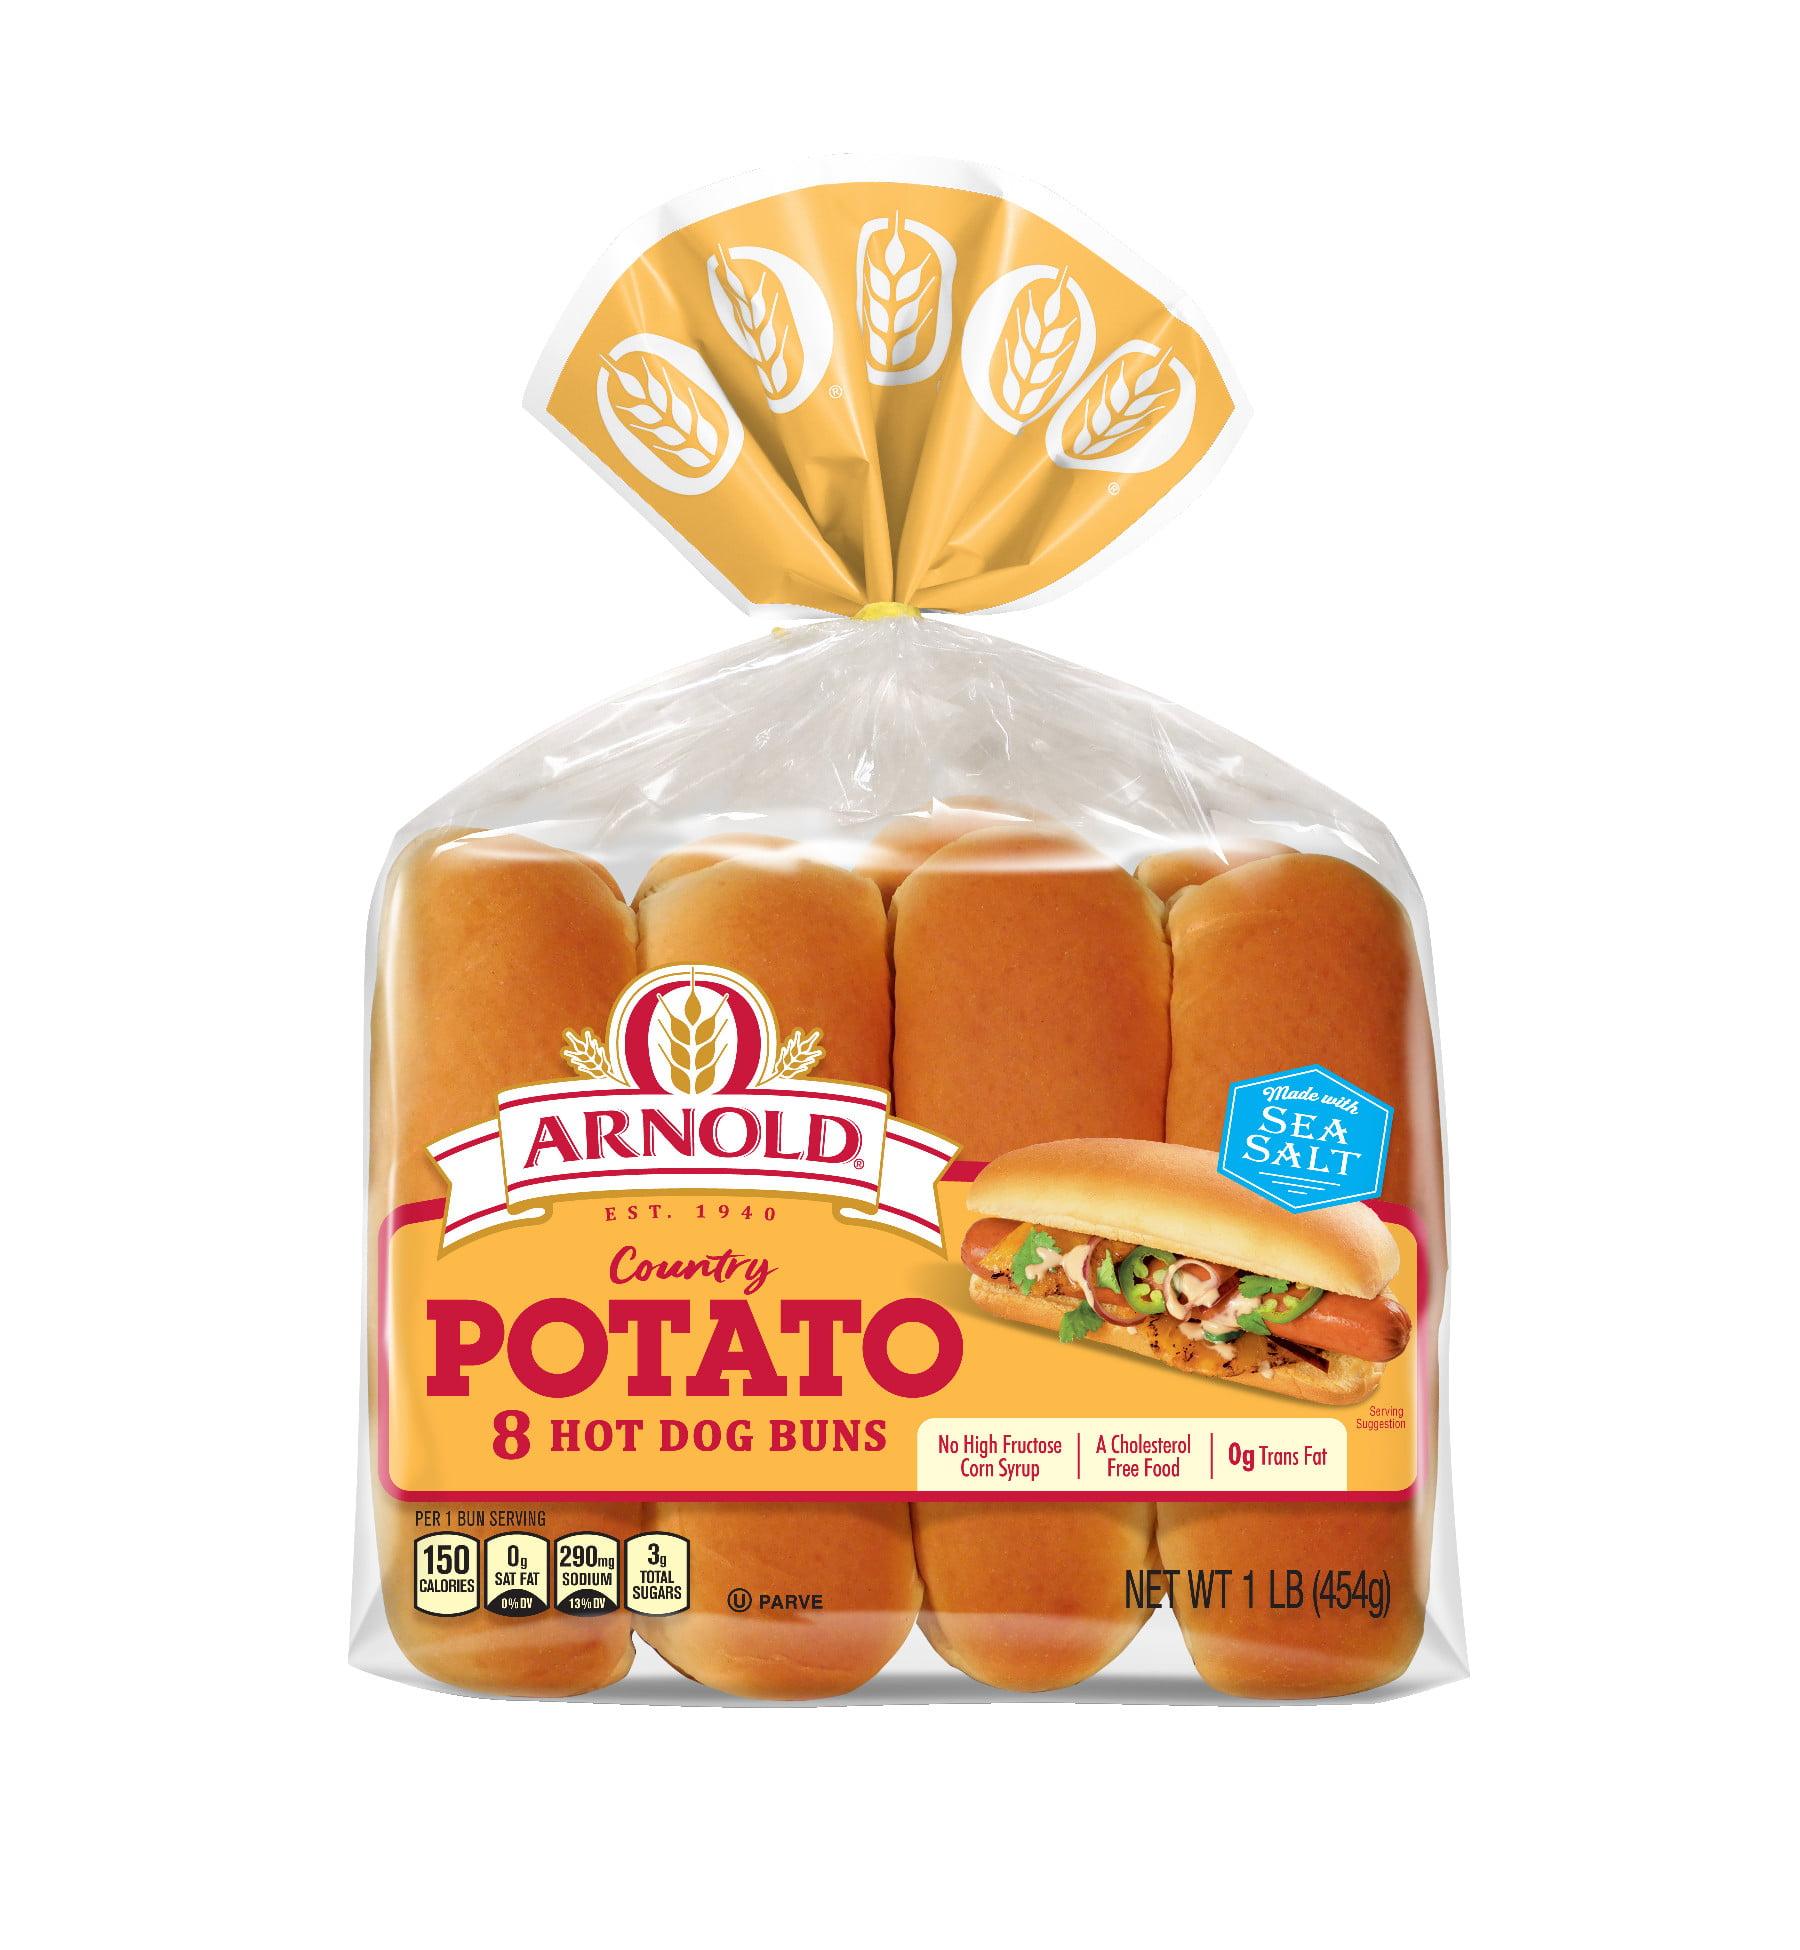 Arnold Country Potato Hotdog Buns, 8 Buns, 16 oz